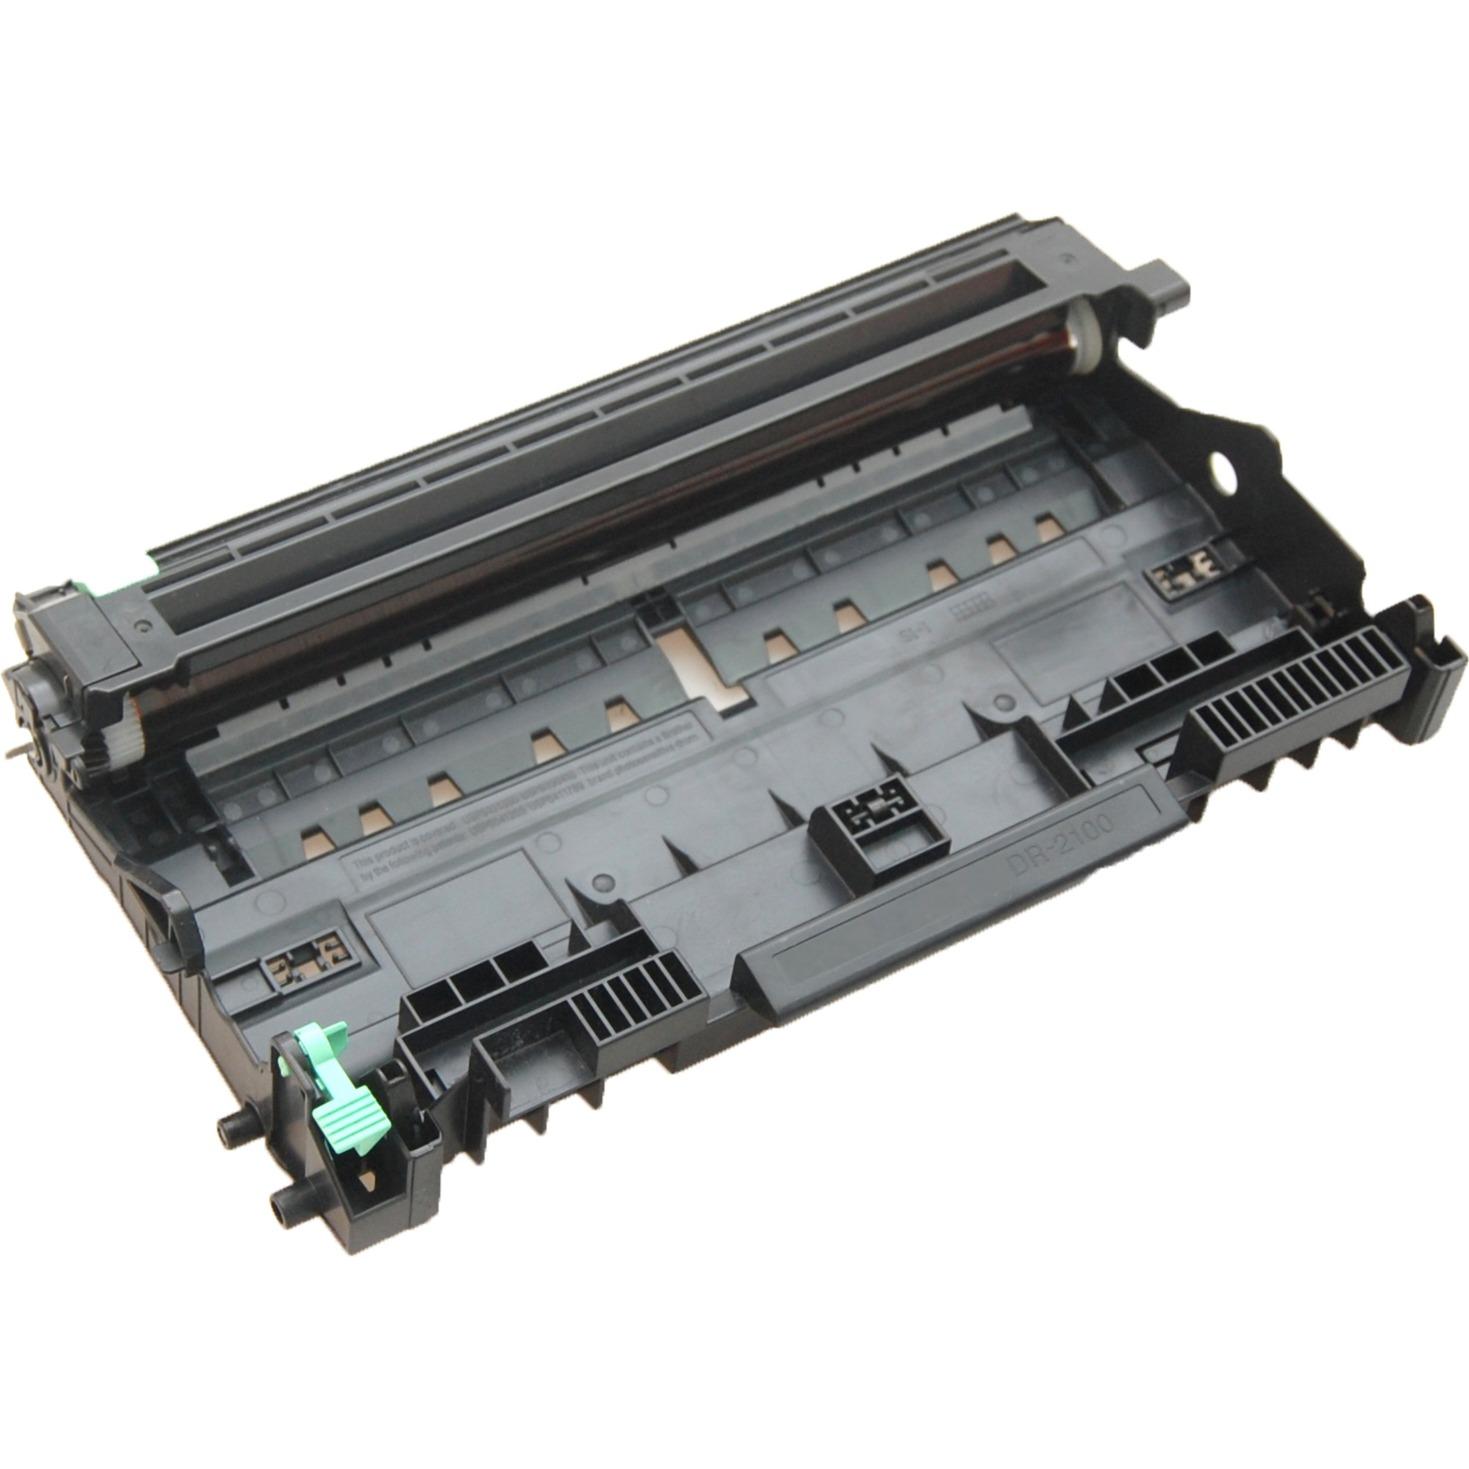 110387 12000páginas tambor de impresora